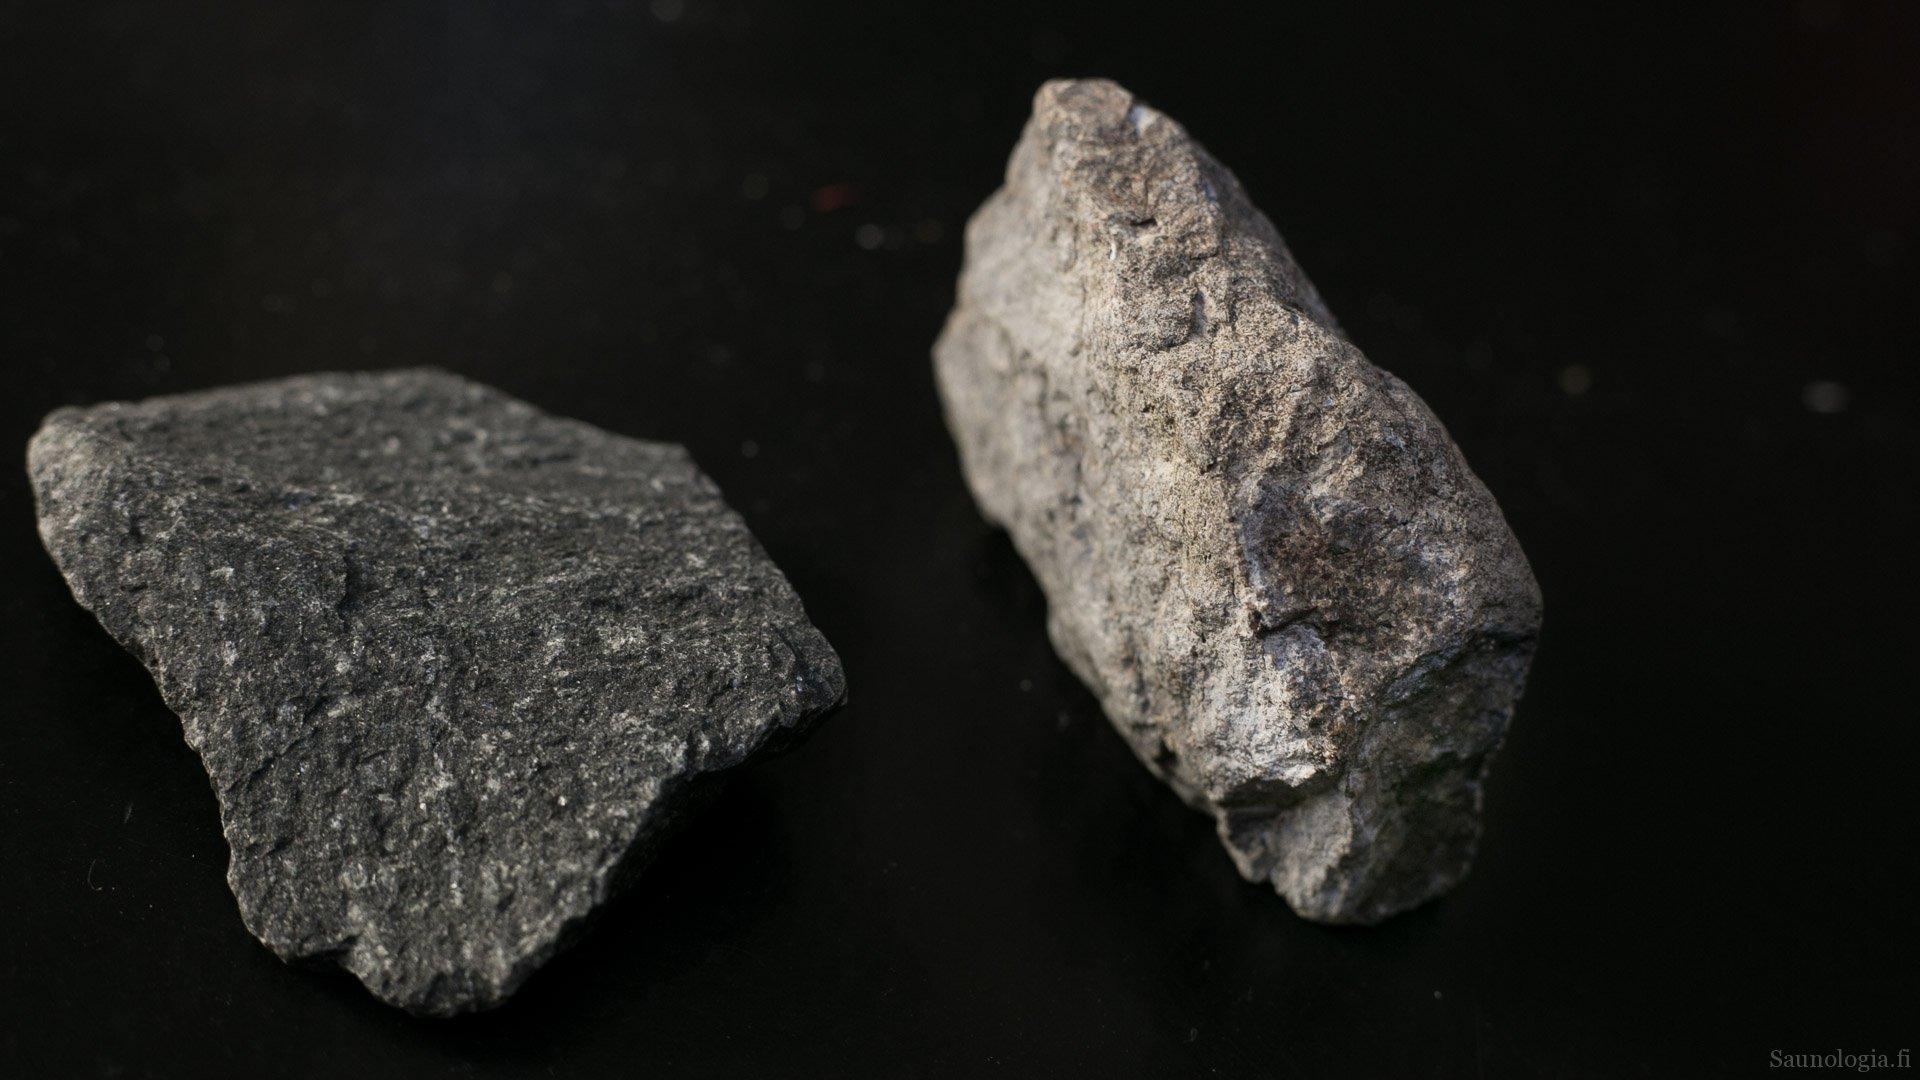 180109-kivienvaihto-vanha-oliviini-diabaasi